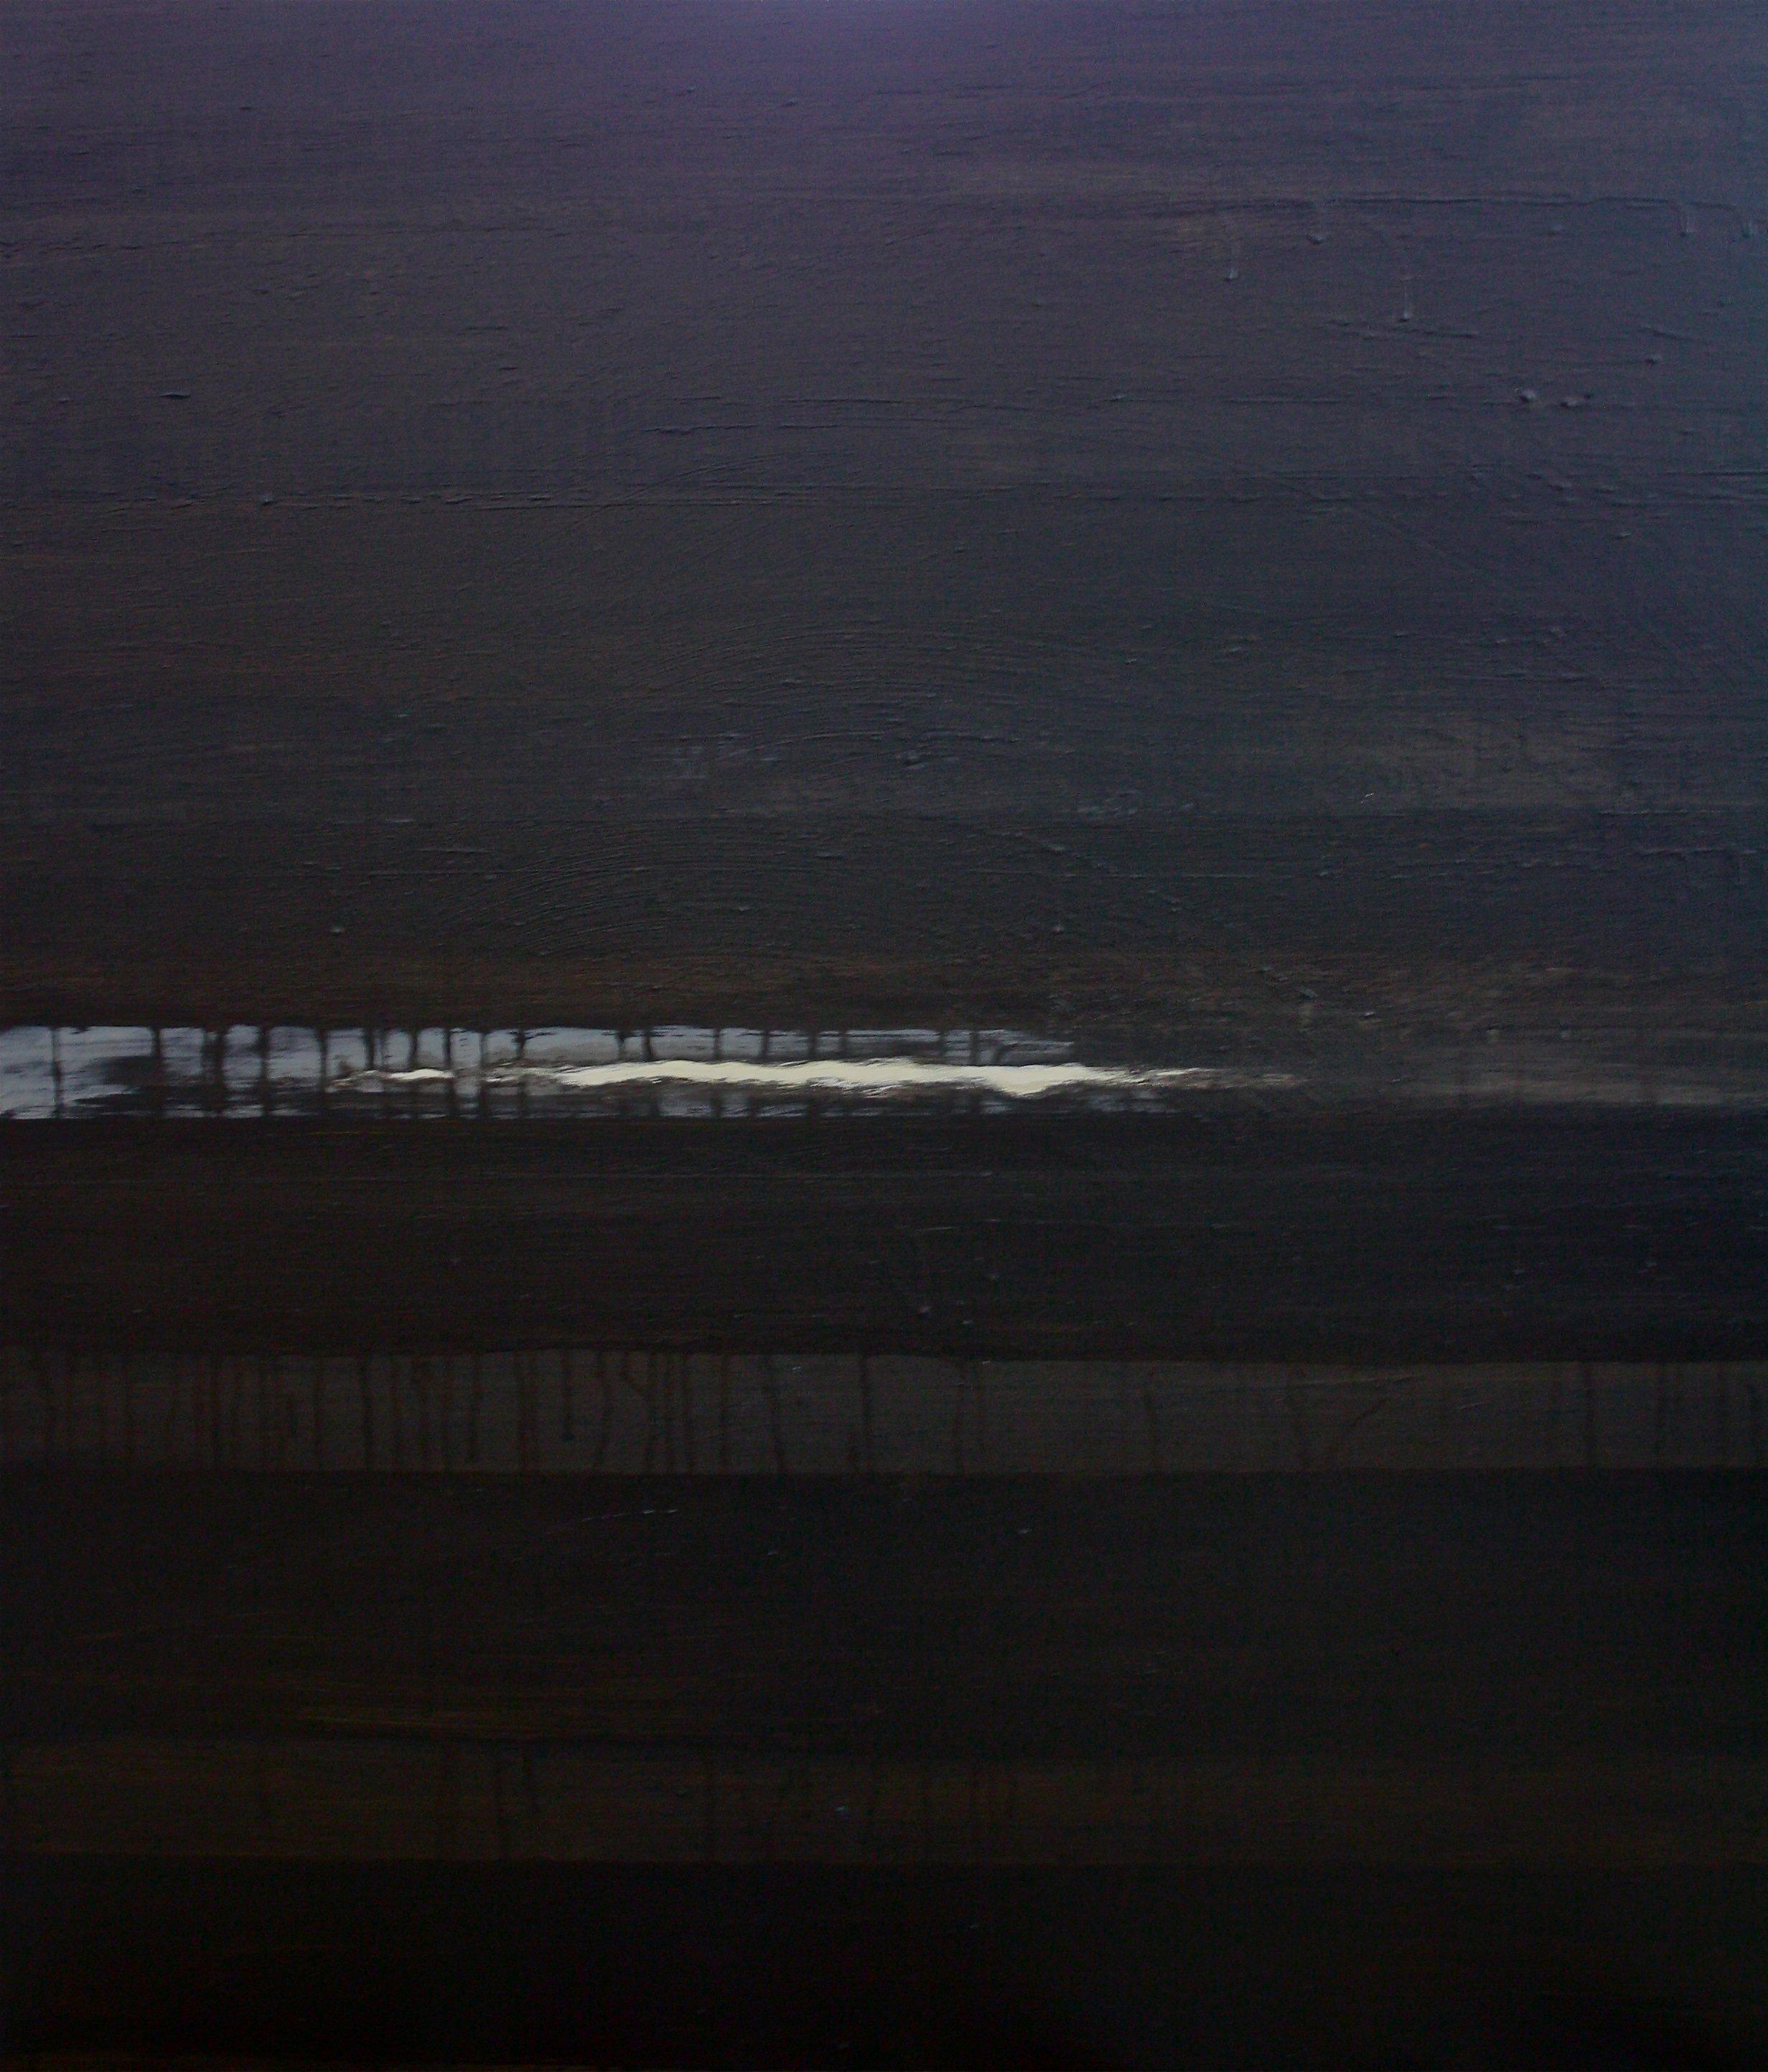 Meri Yöllä